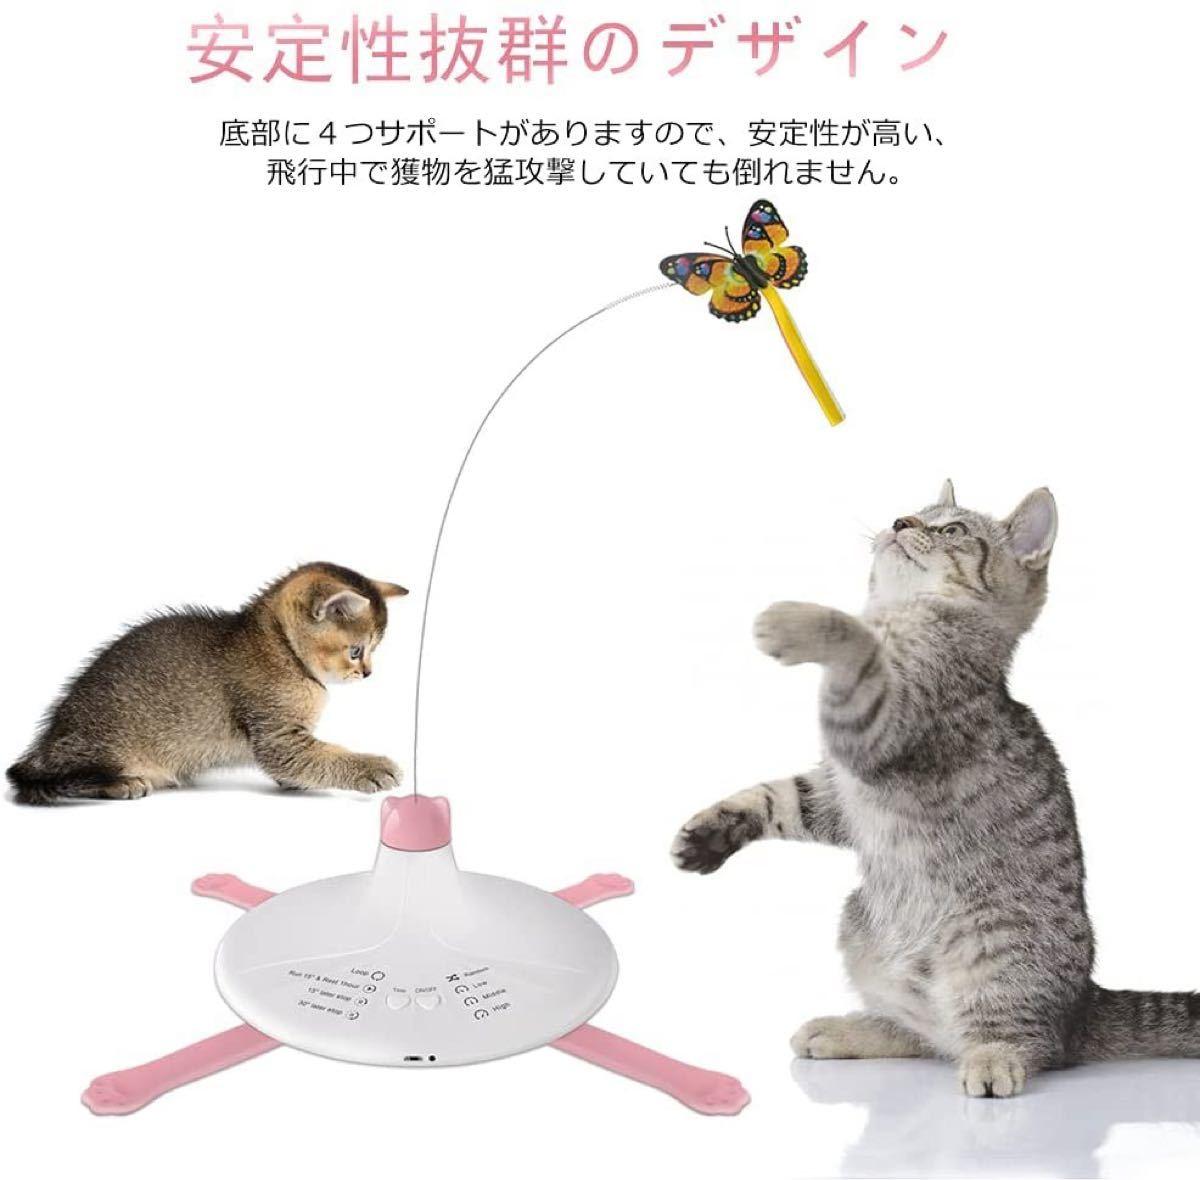 猫おもちゃ 電動 猫じゃらし 猫用電動おもちゃ 電動猫じゃらし  自動回転